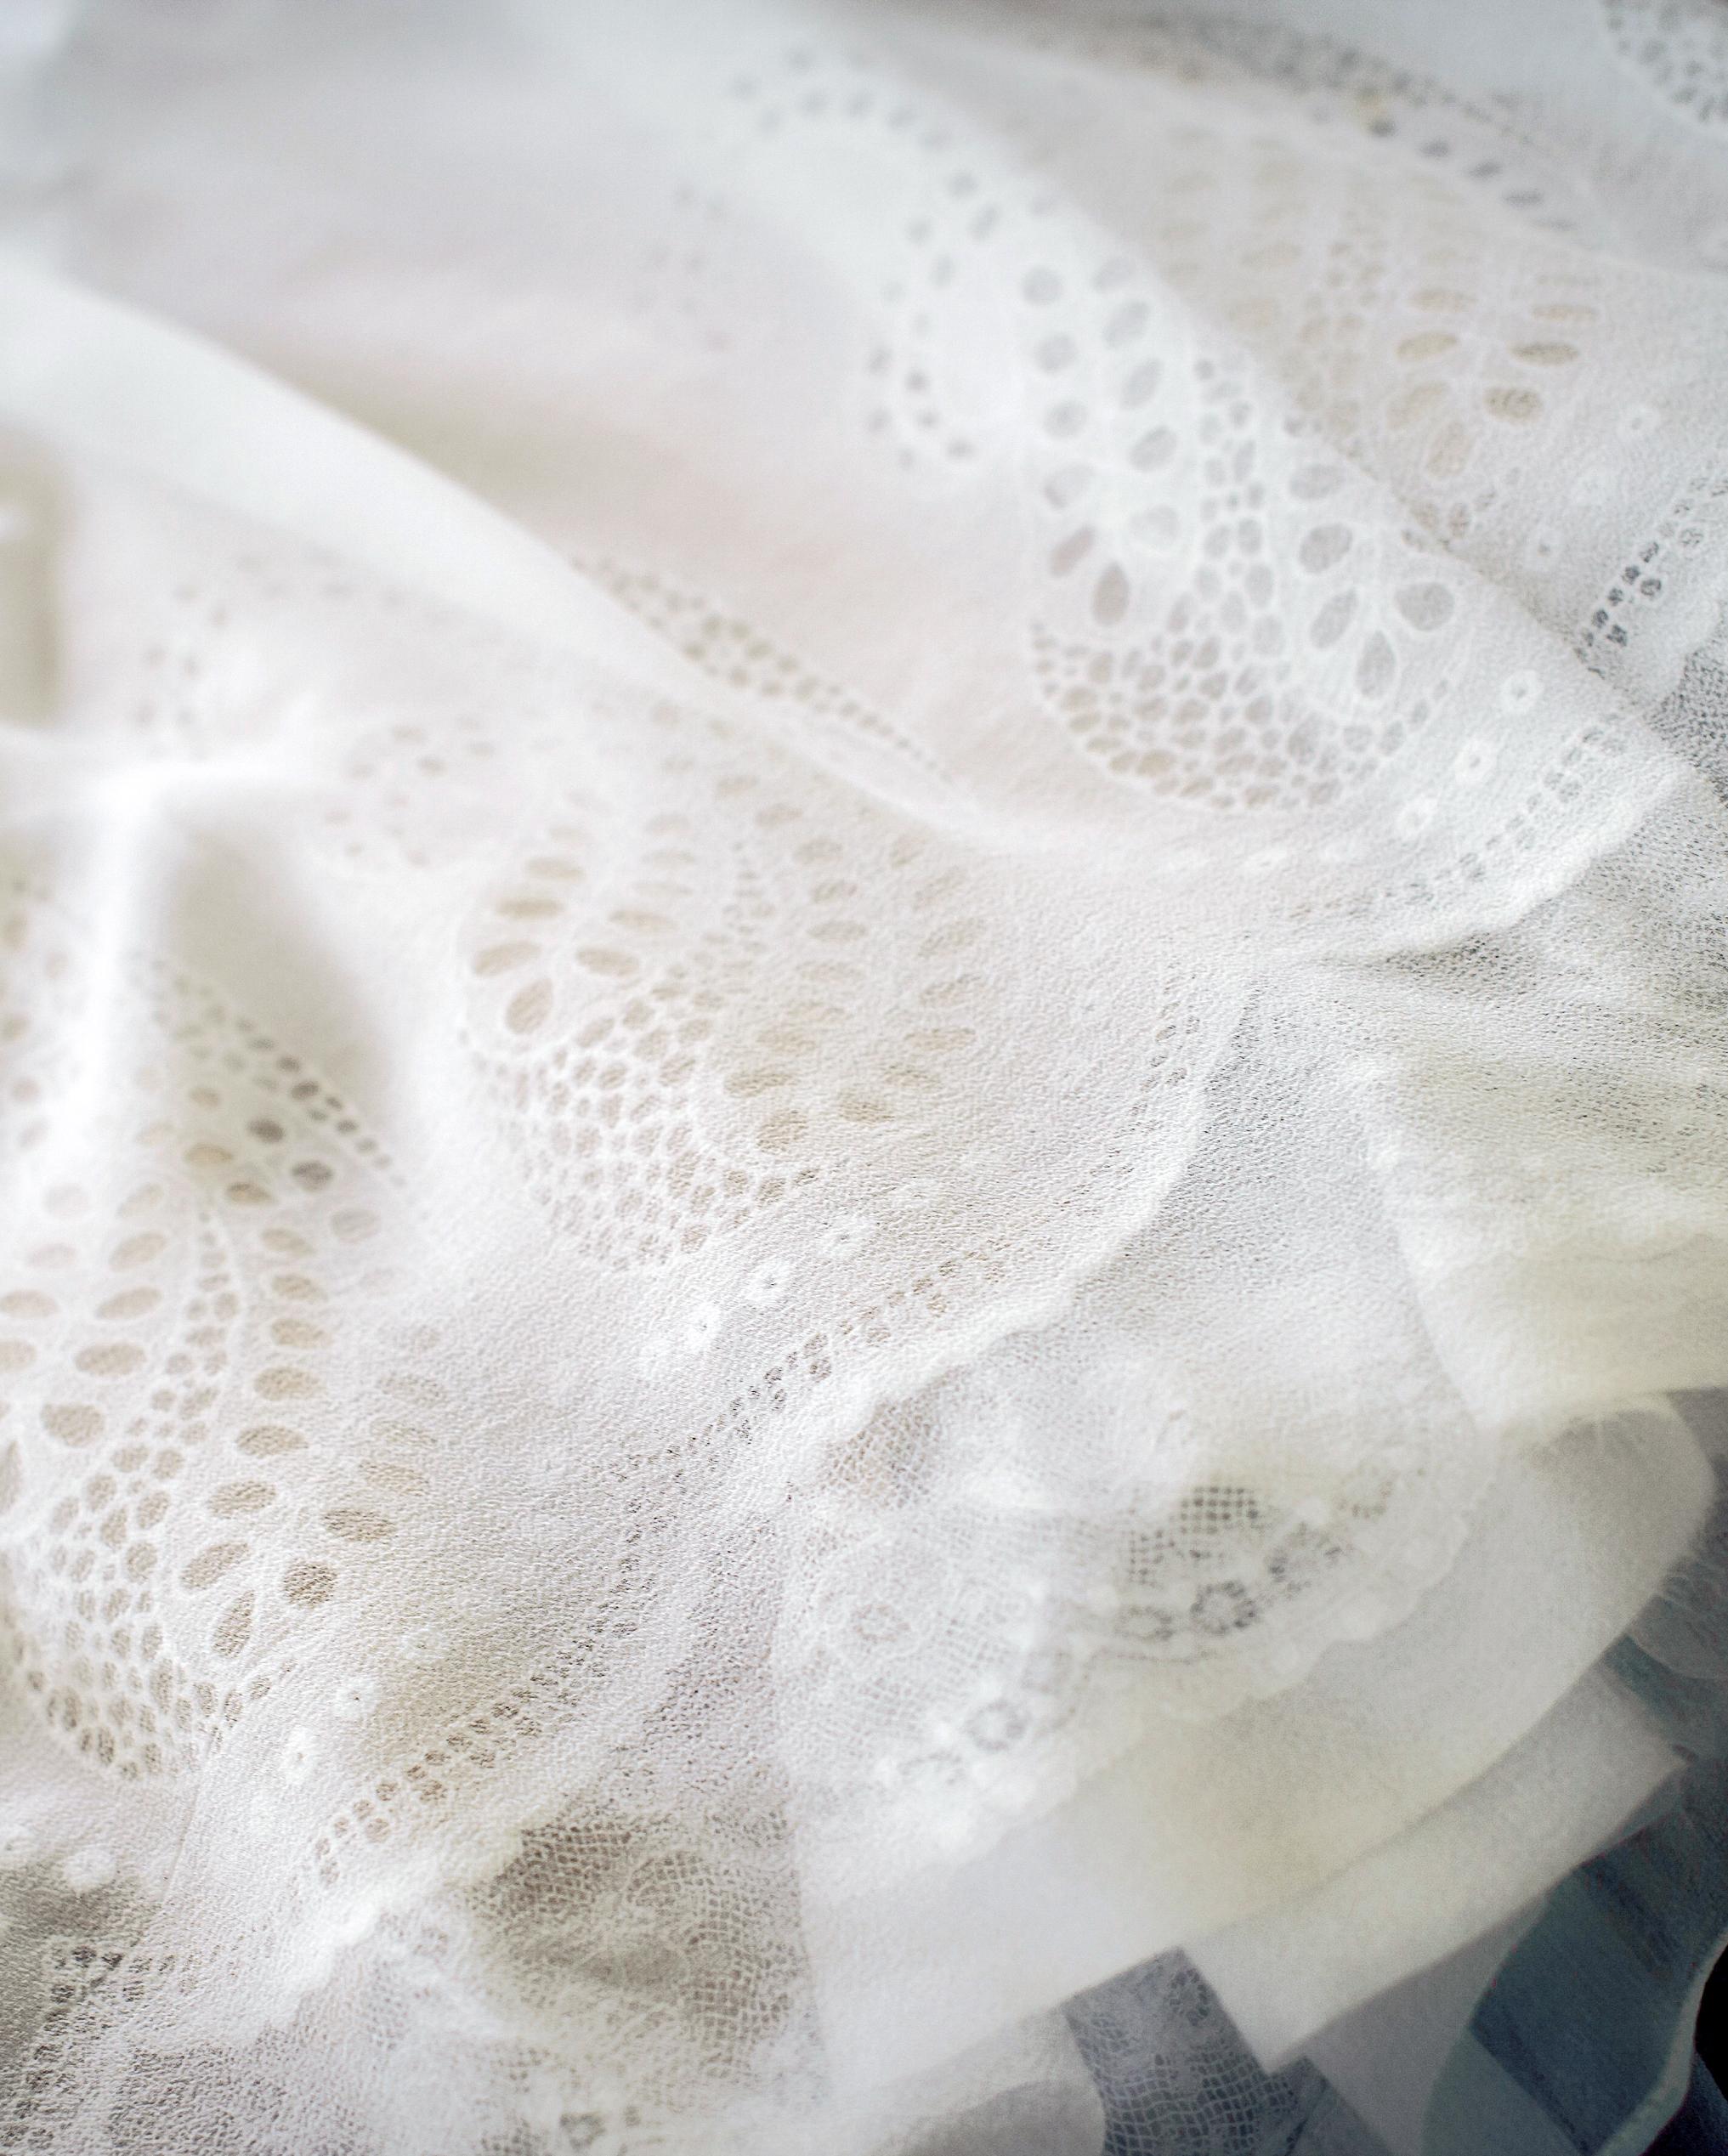 rachel-andrew-wedding-dress-005-s112195-0915.jpg